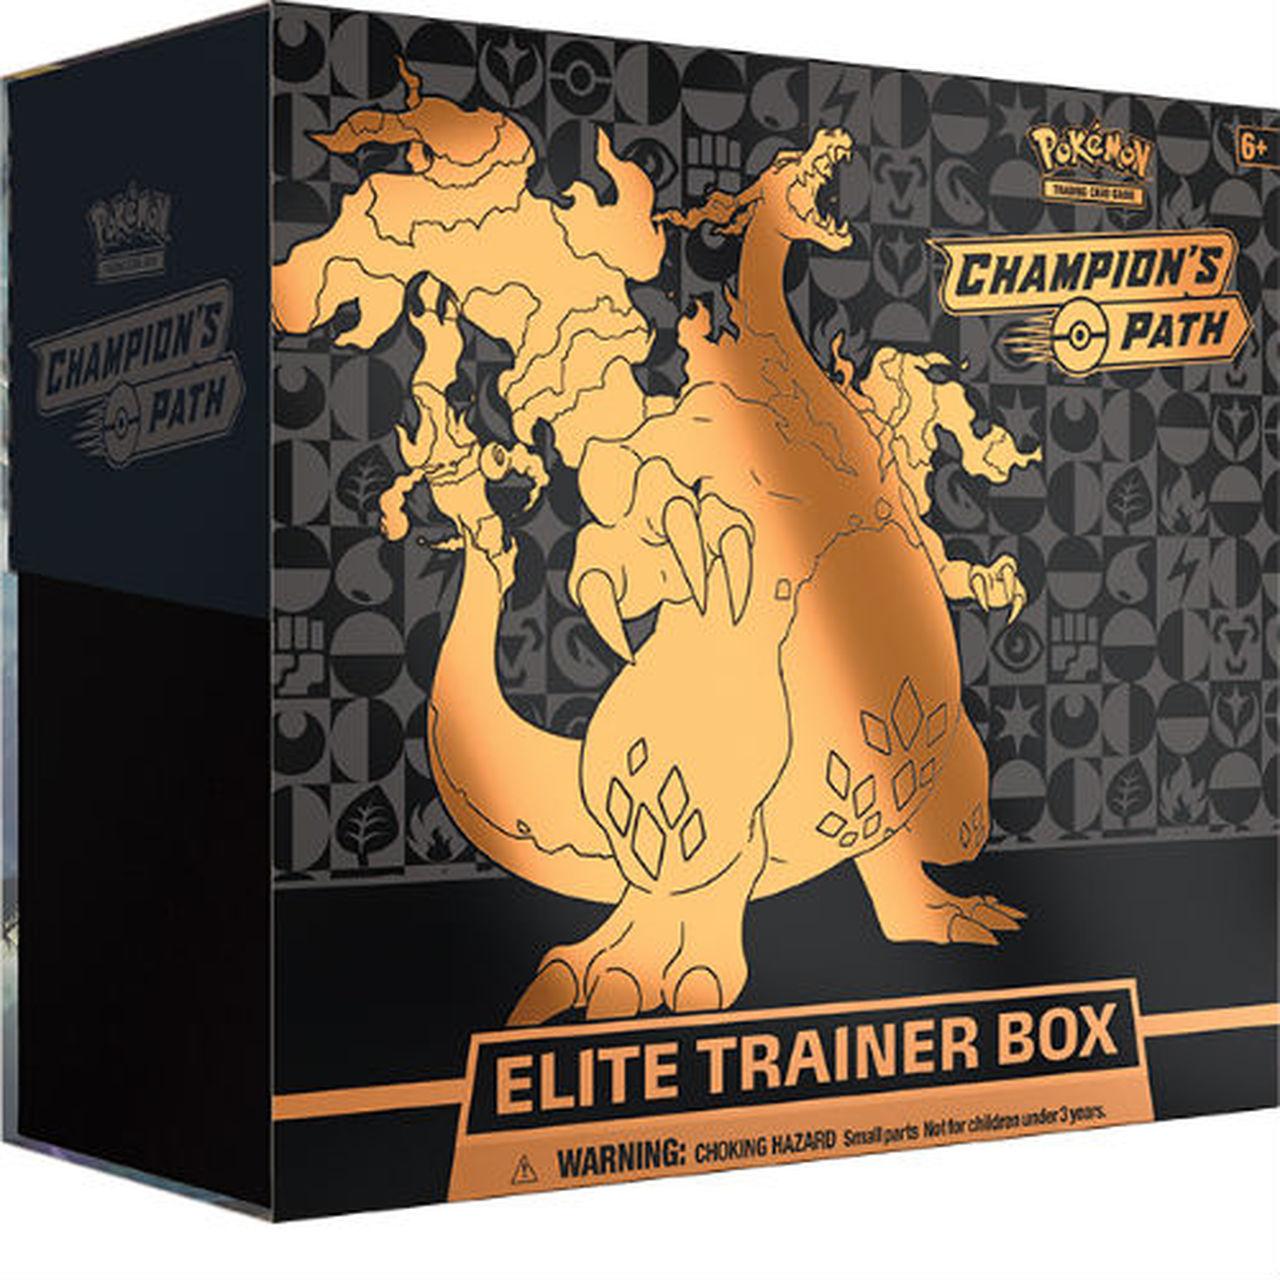 pokemon_tcg_champion_s_path_elite_trainer_box_productshot-1__05945.1595549895